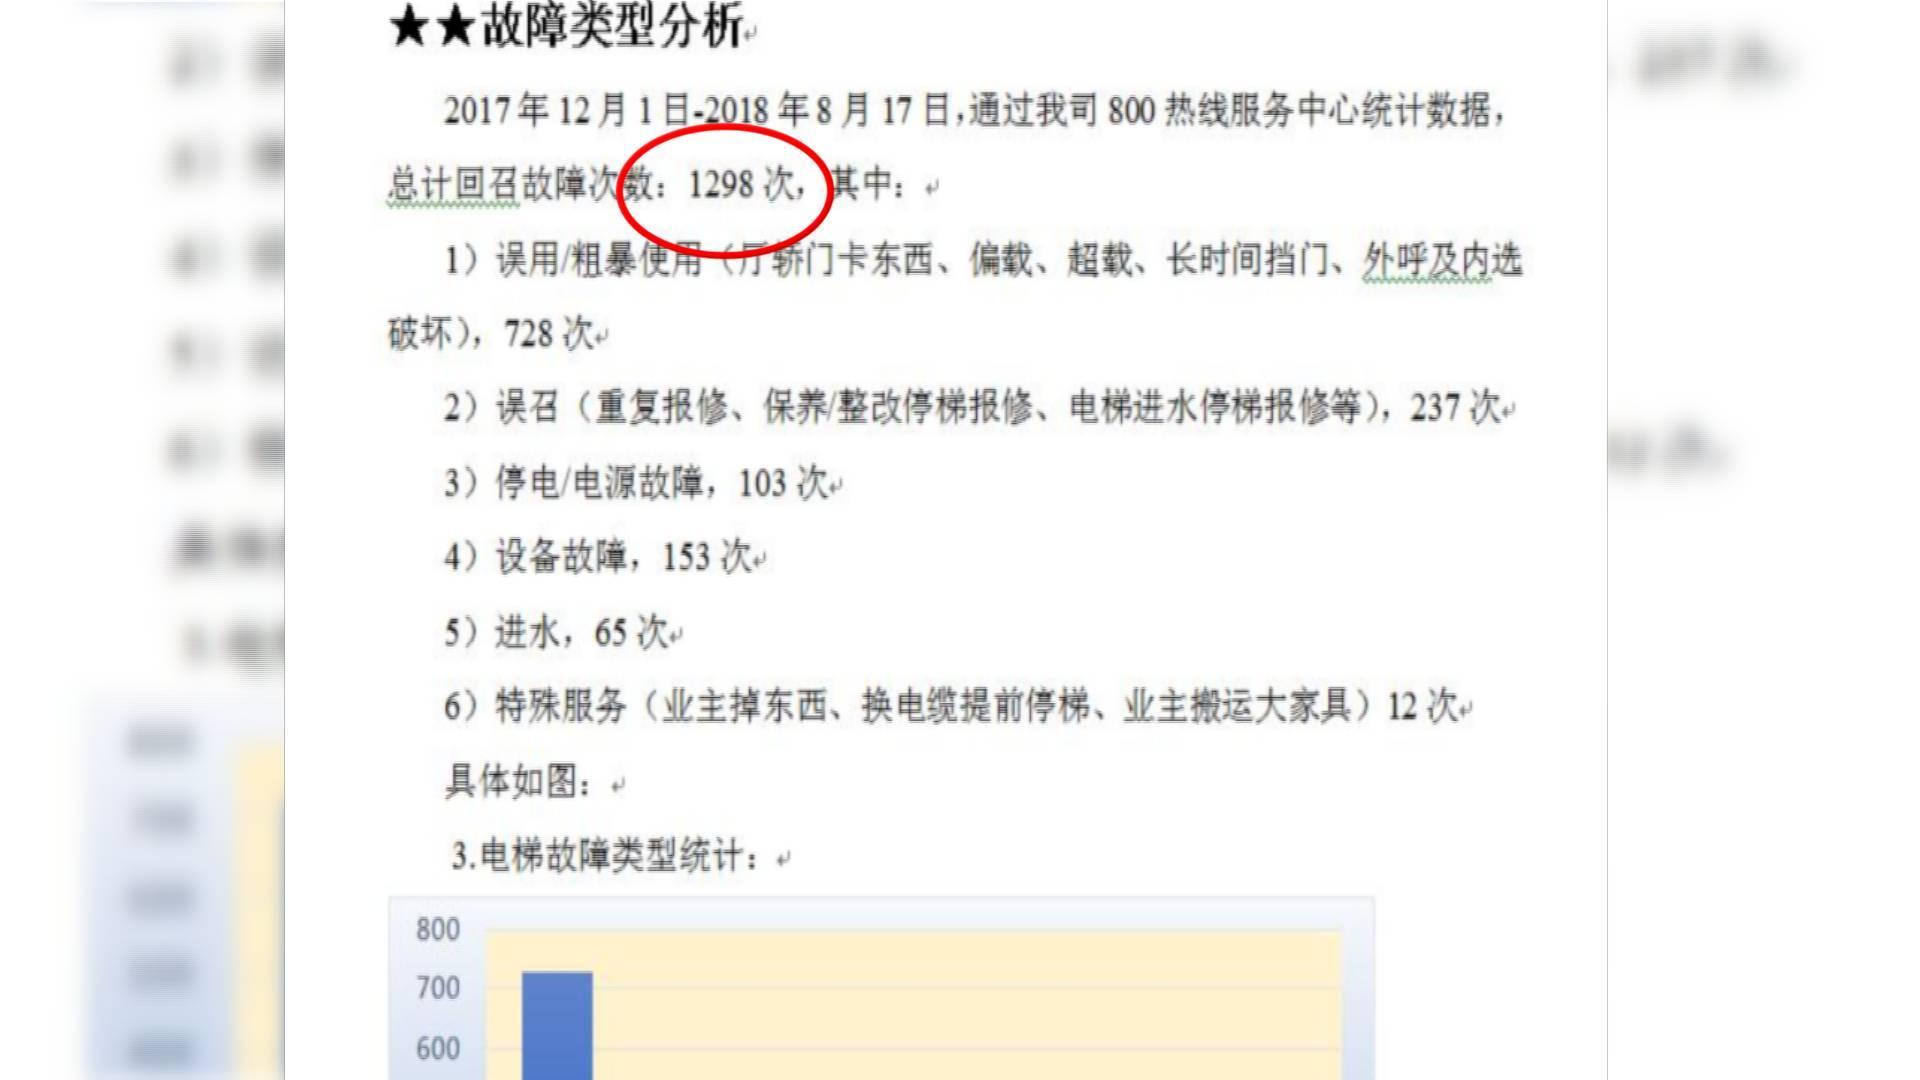 8个月1298次故障!济南鲁能领秀城小区电梯故障率实在高